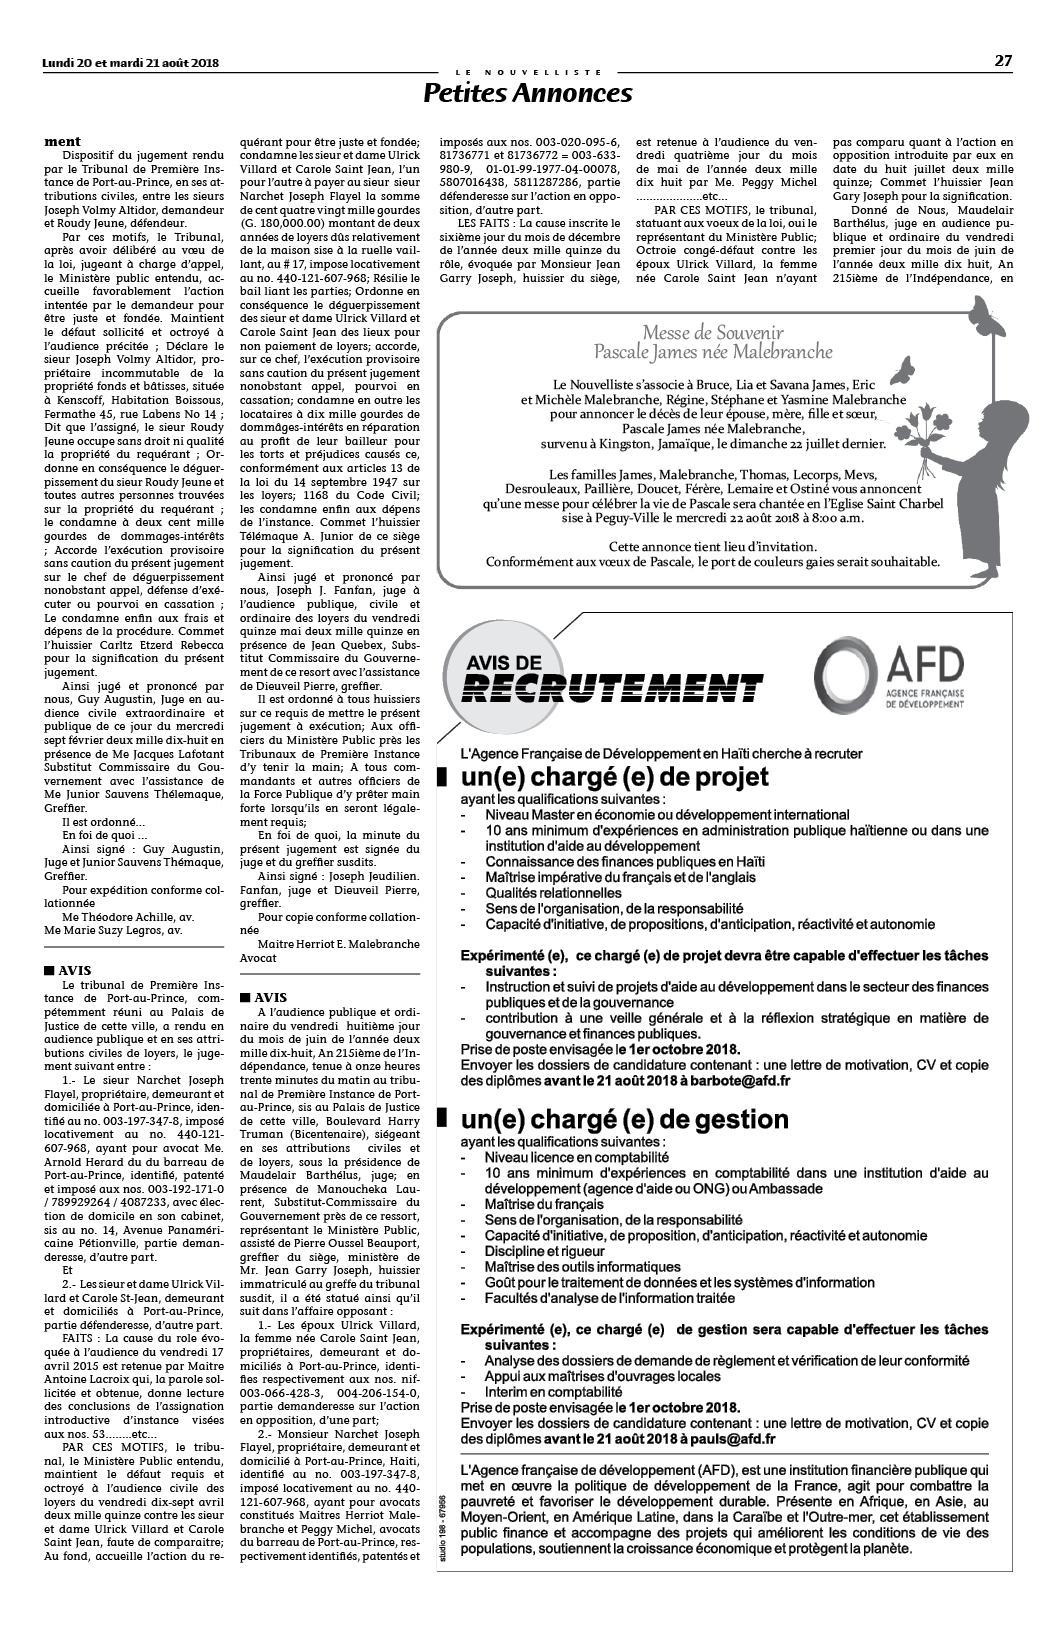 Apte A La Licence Mots Croises Solutions Pour Aptes*a*la à Outils Mots Croises